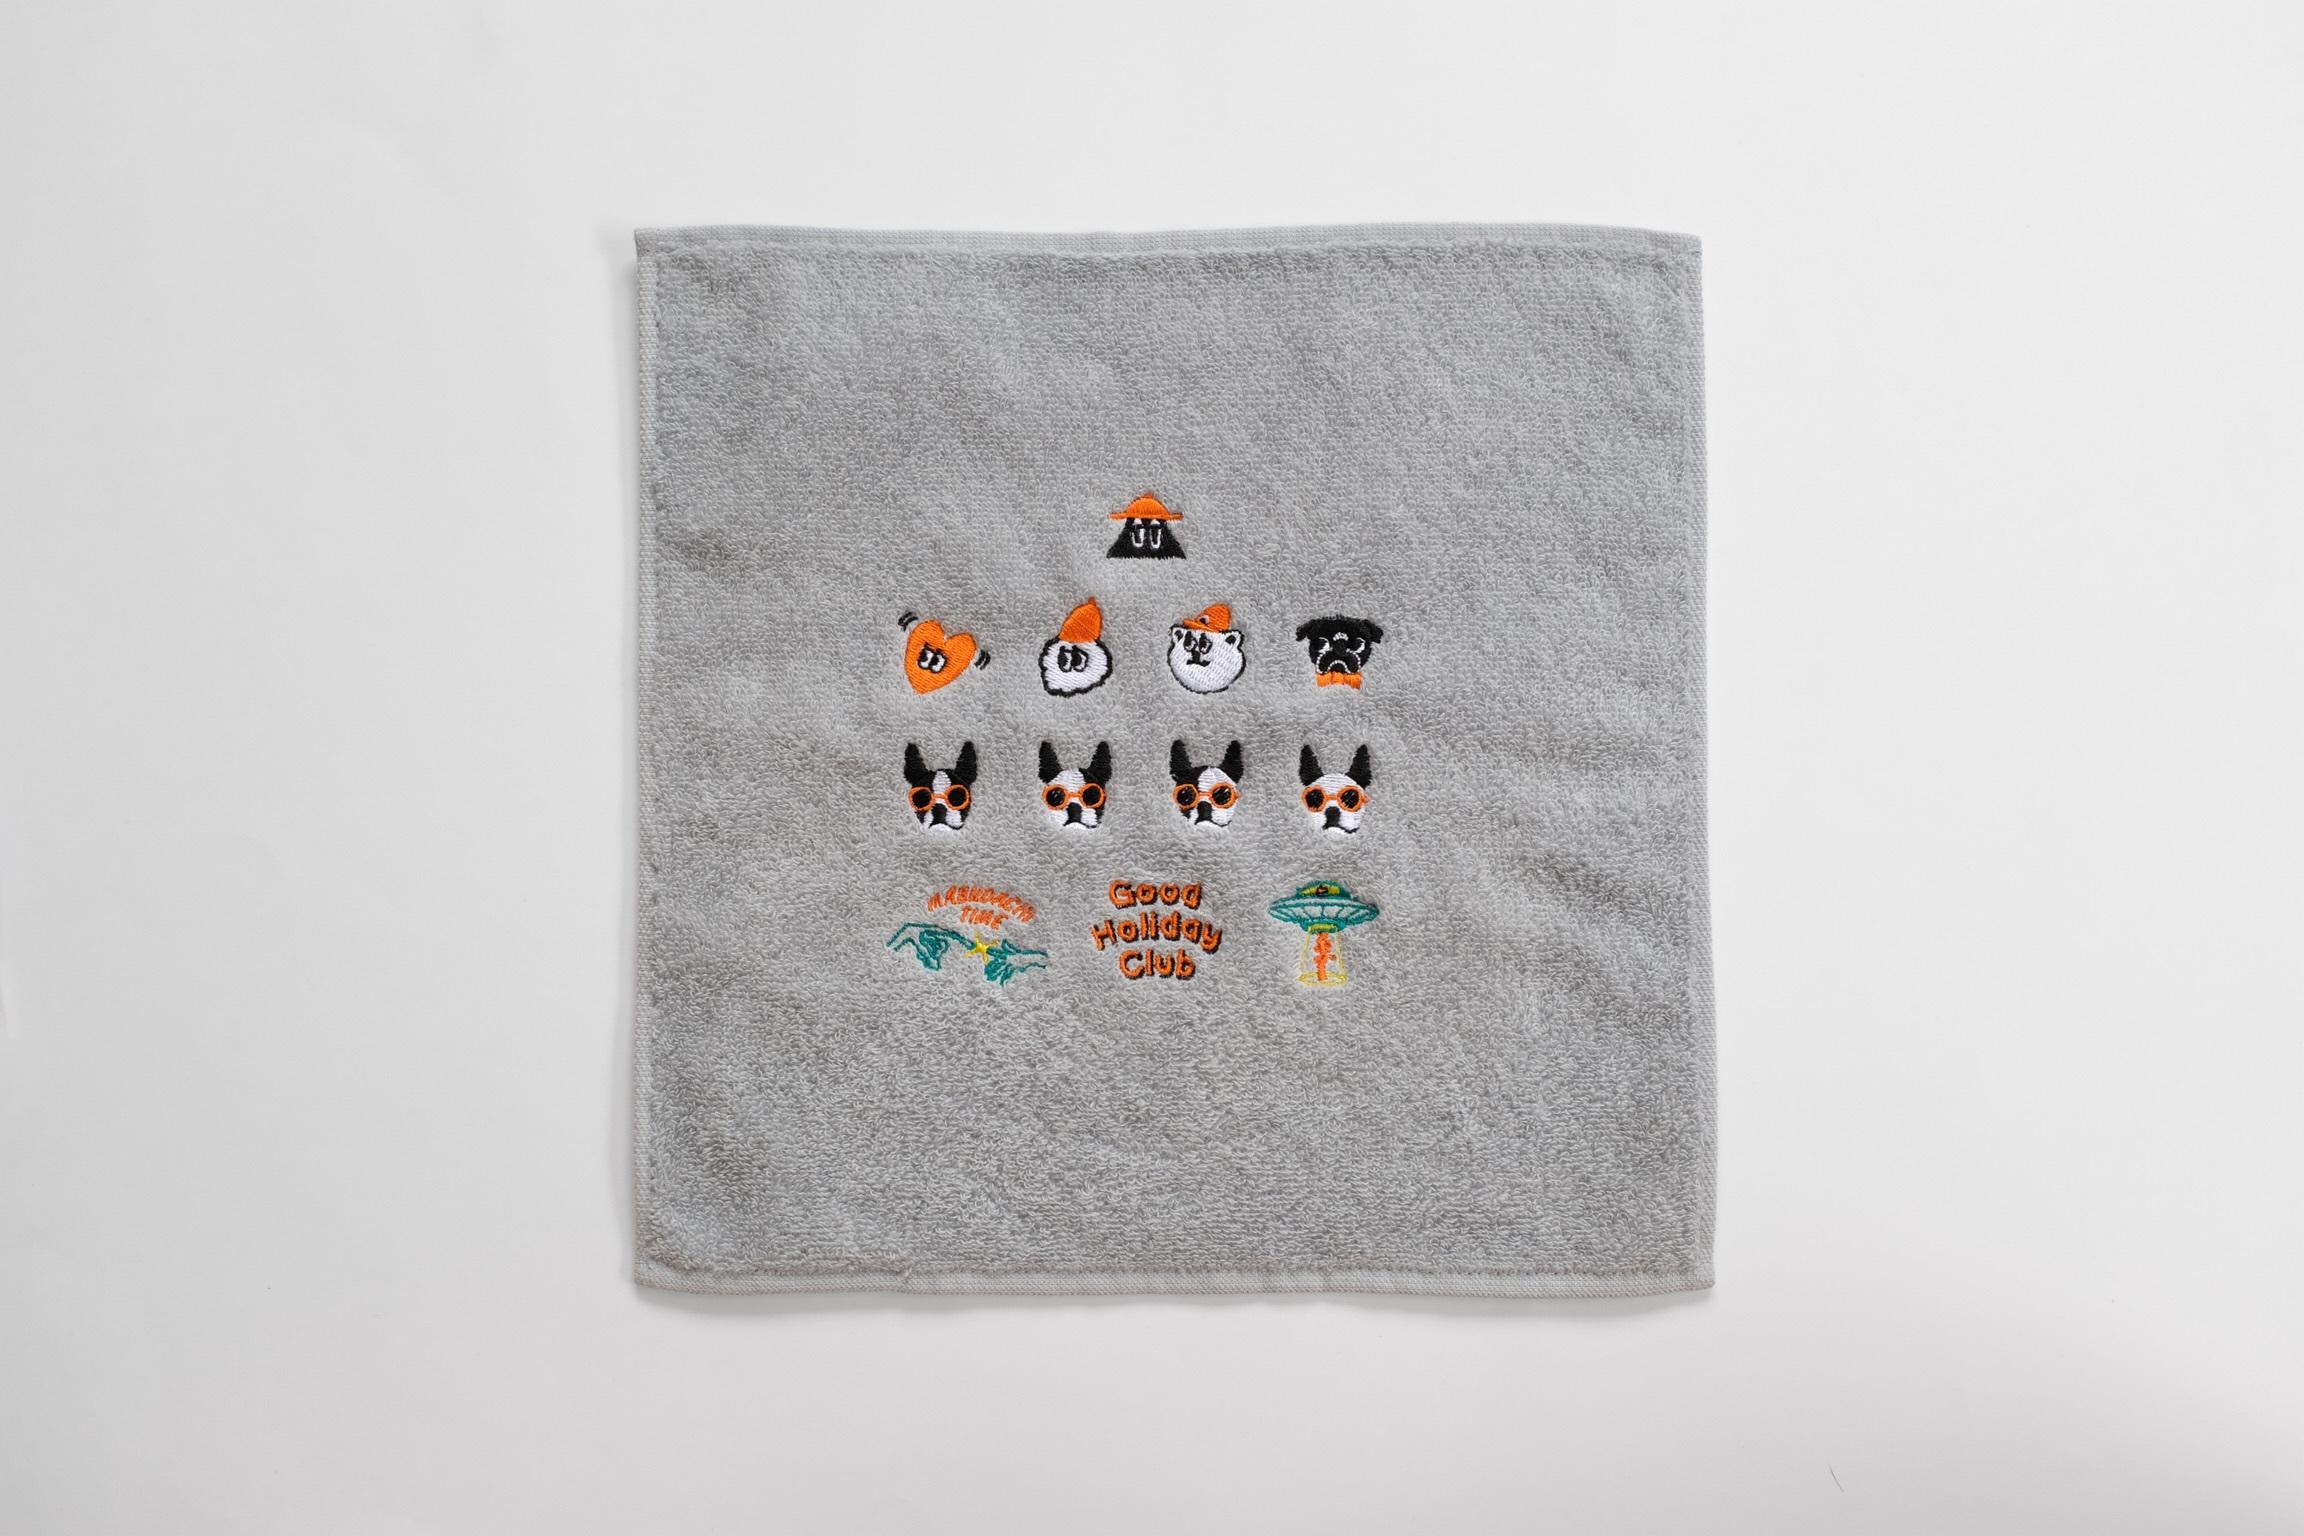 Team Towel [HowaHowa]